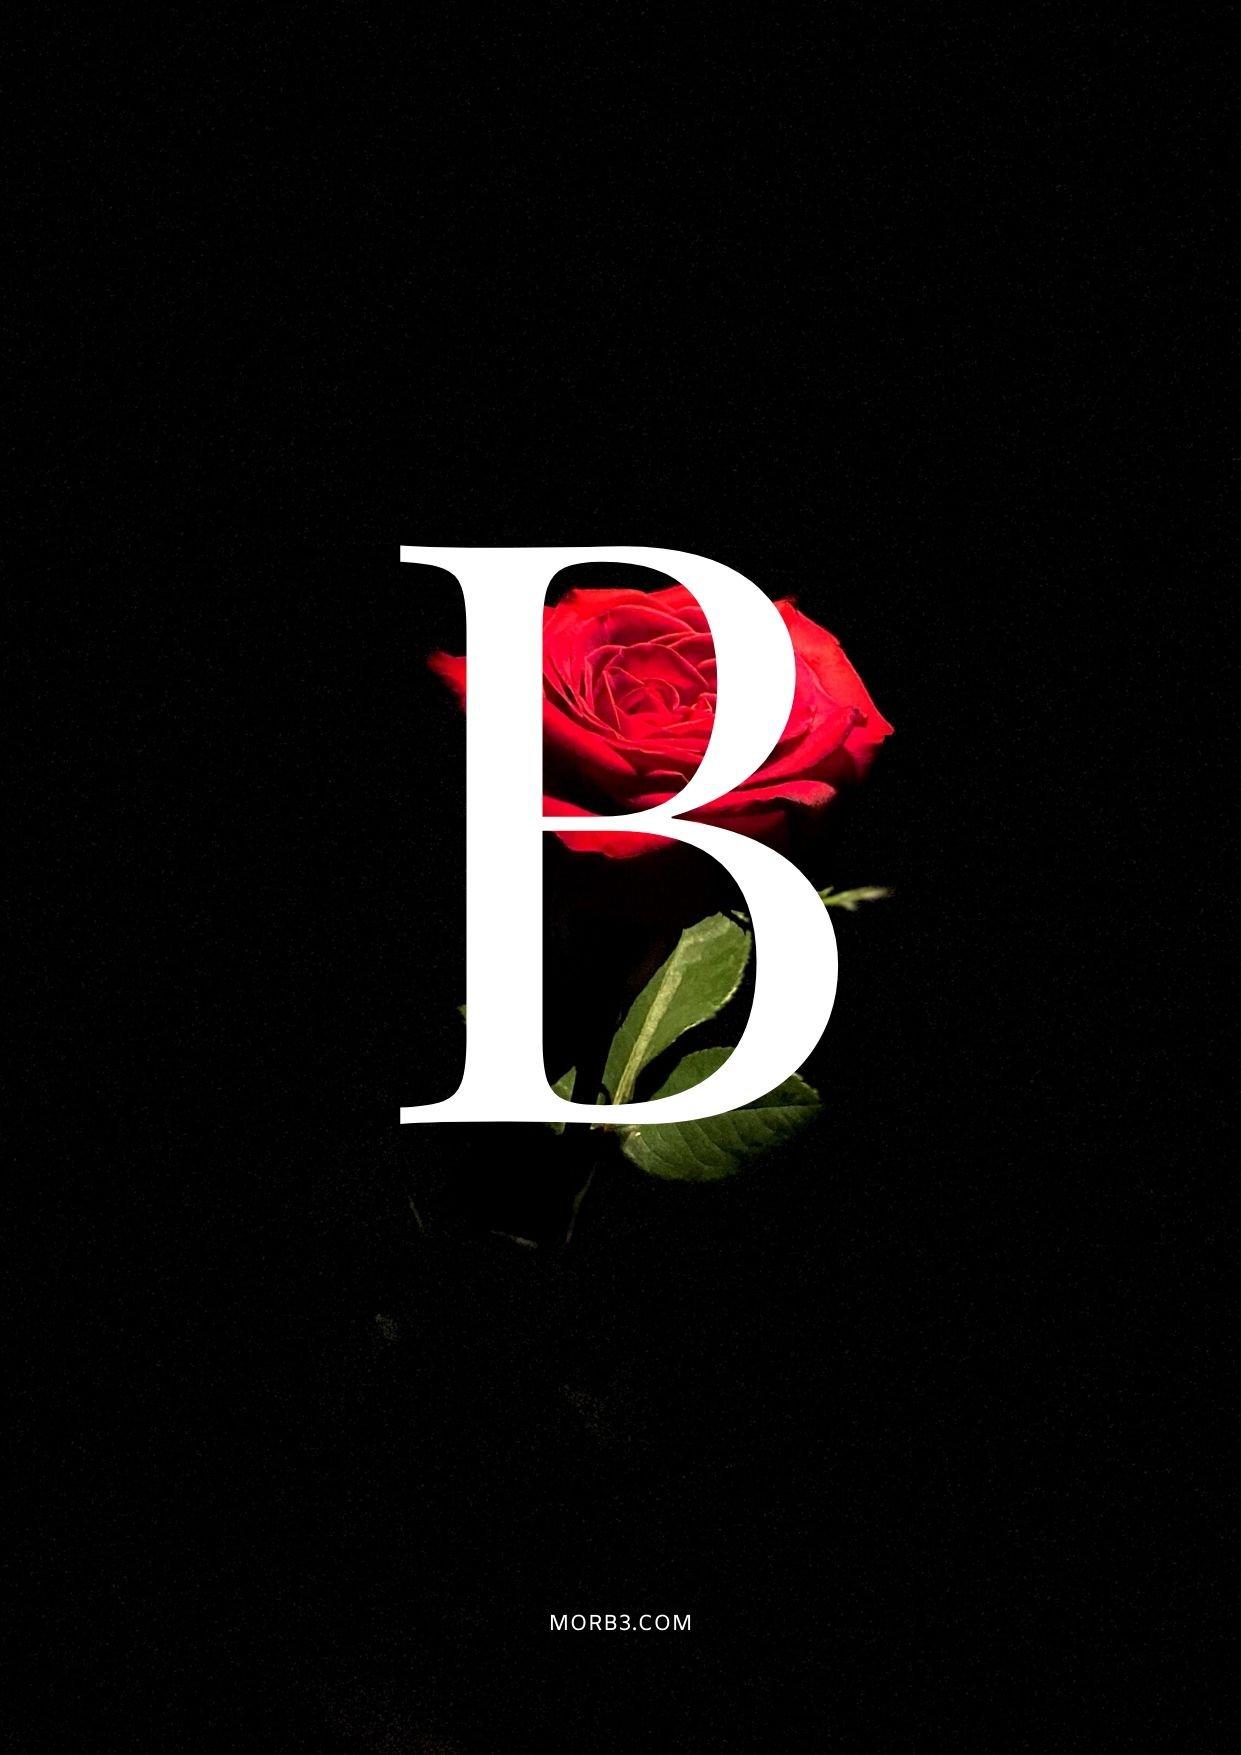 حرف B متحرك